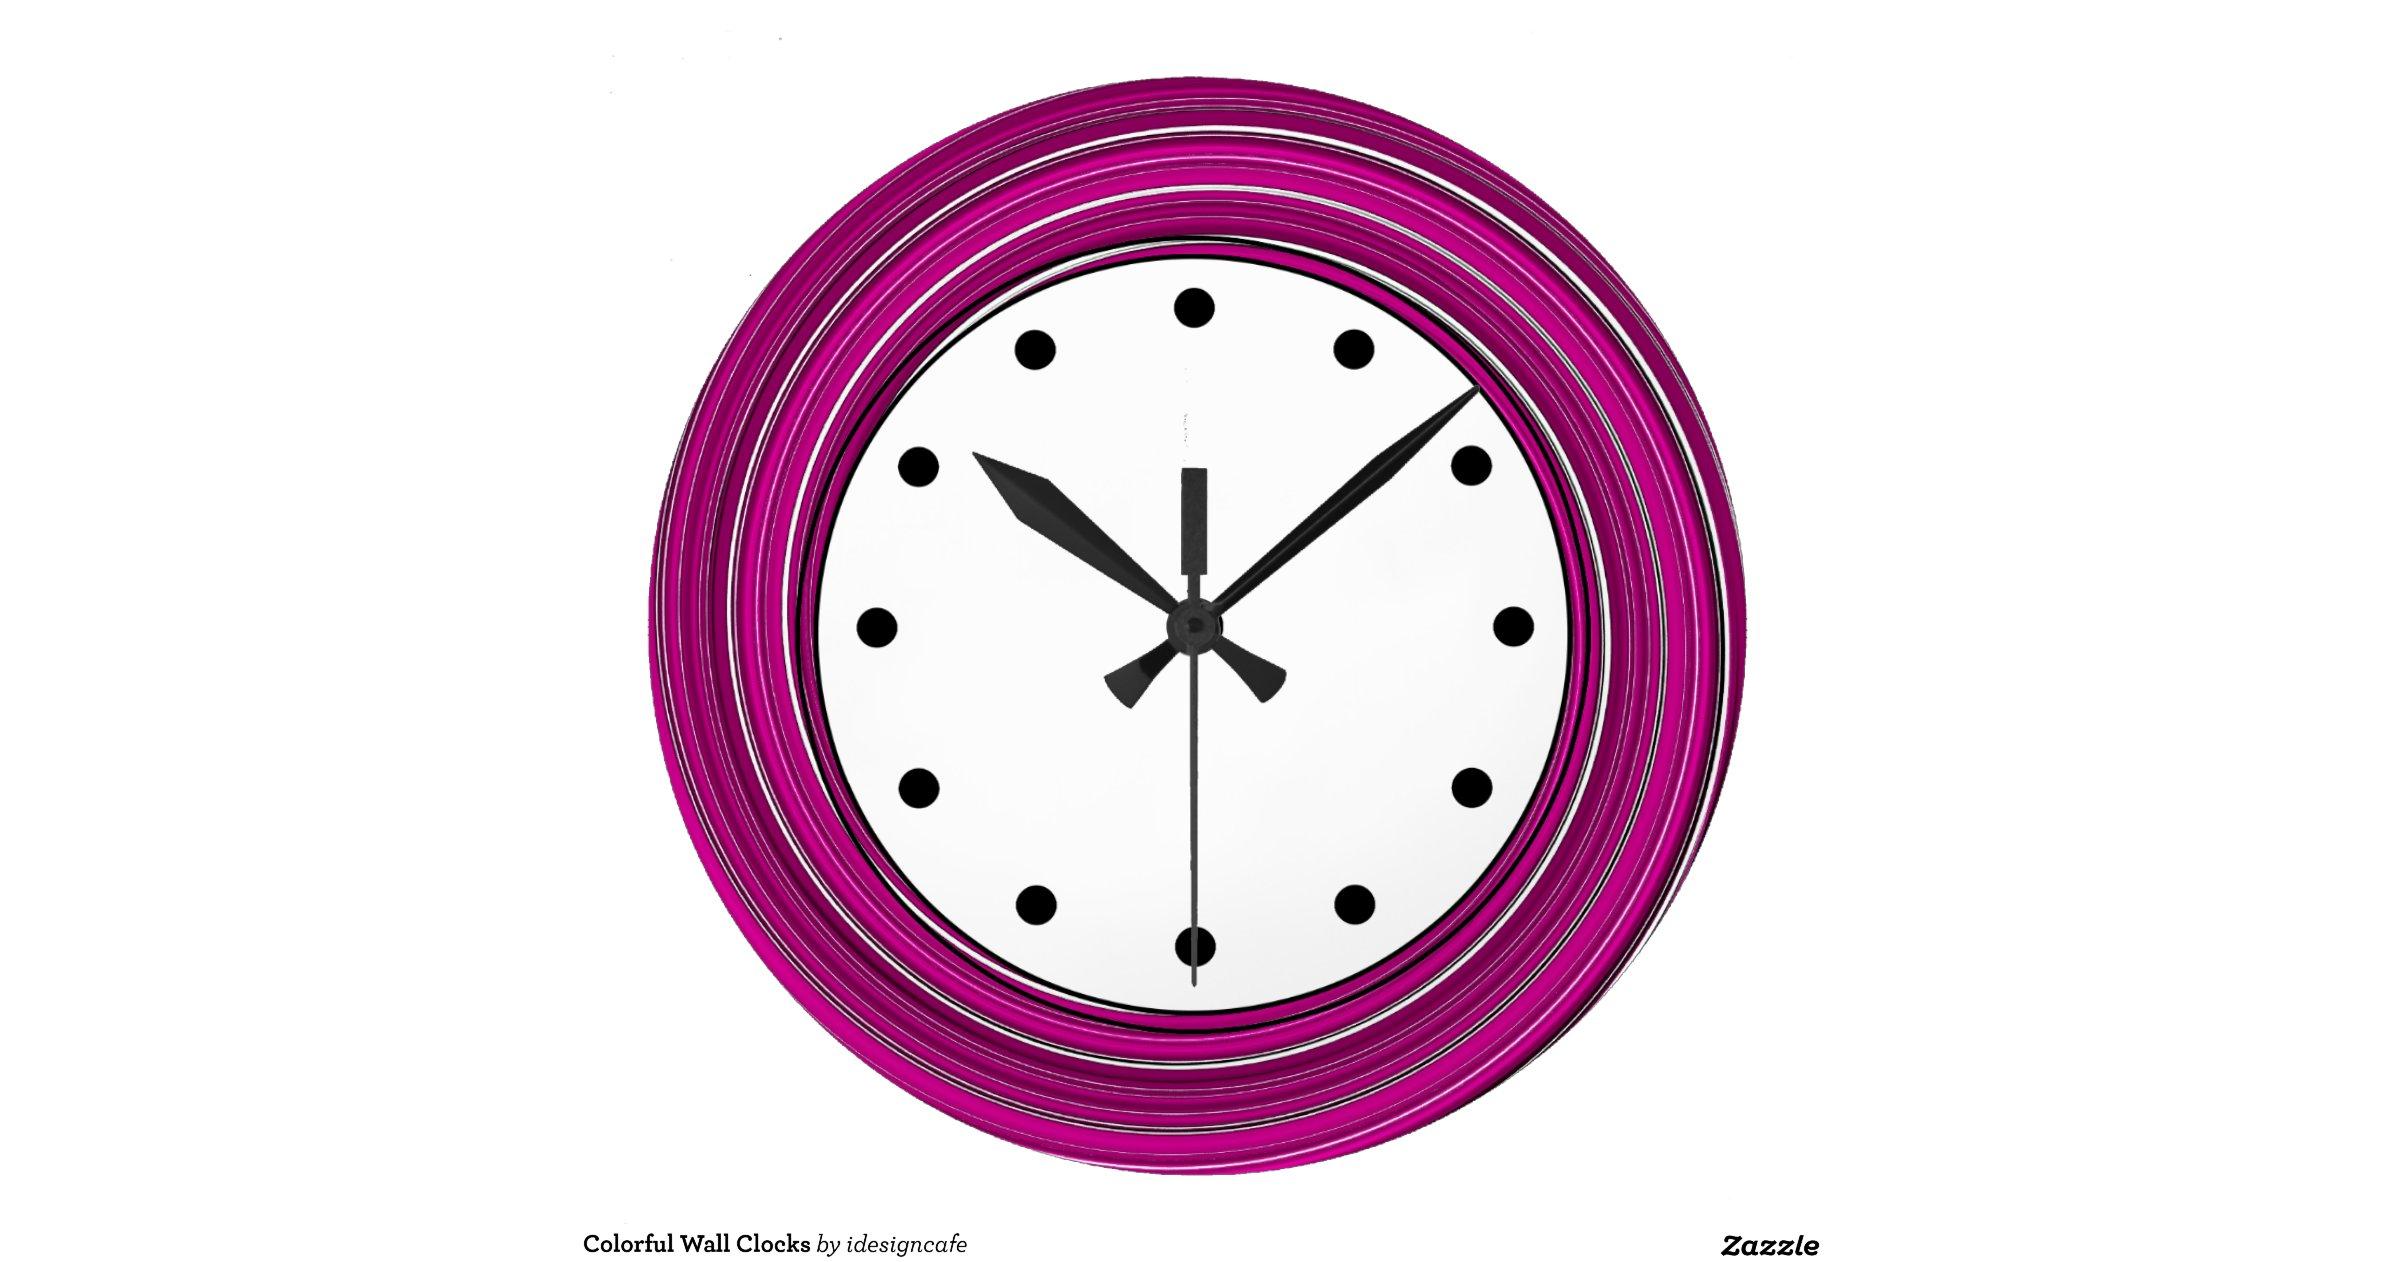 colorful_wall_clocks-r10d1eb26241c40d5978af6d5050ce588 ...